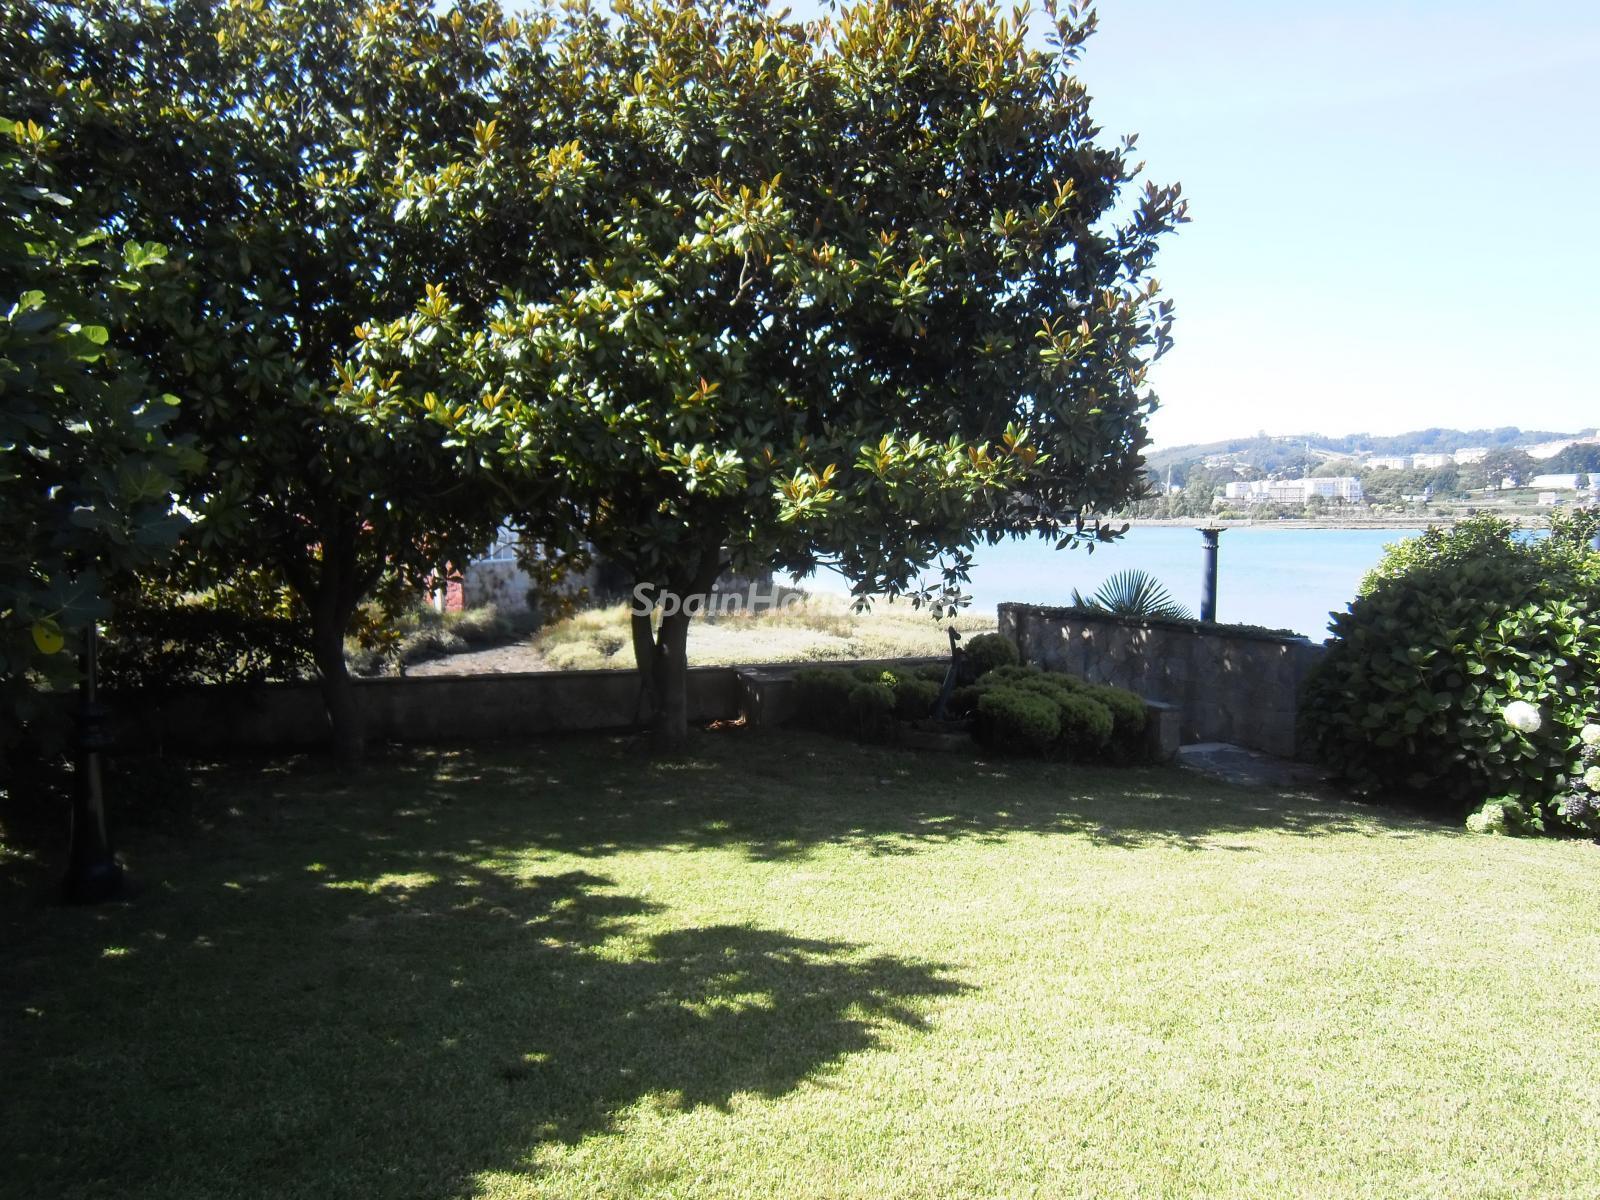 Foto 3 - Chalet independiente en venta en Oleiros, Ref: 1825929